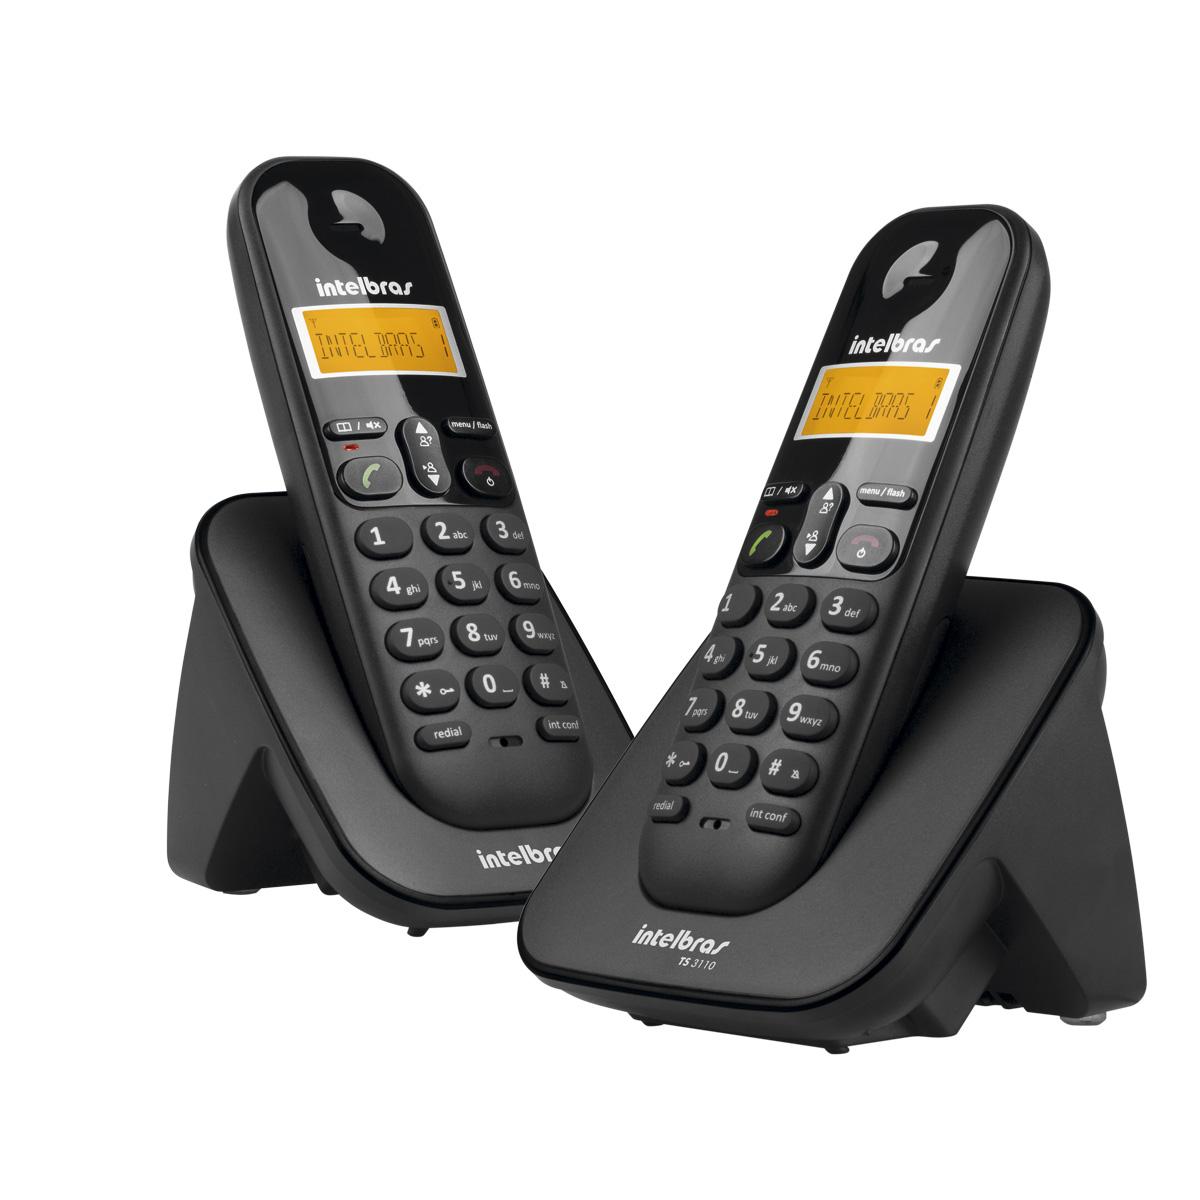 Telefone Intelbras TS 3112 sem fio - Hope Tech Telecomunicações